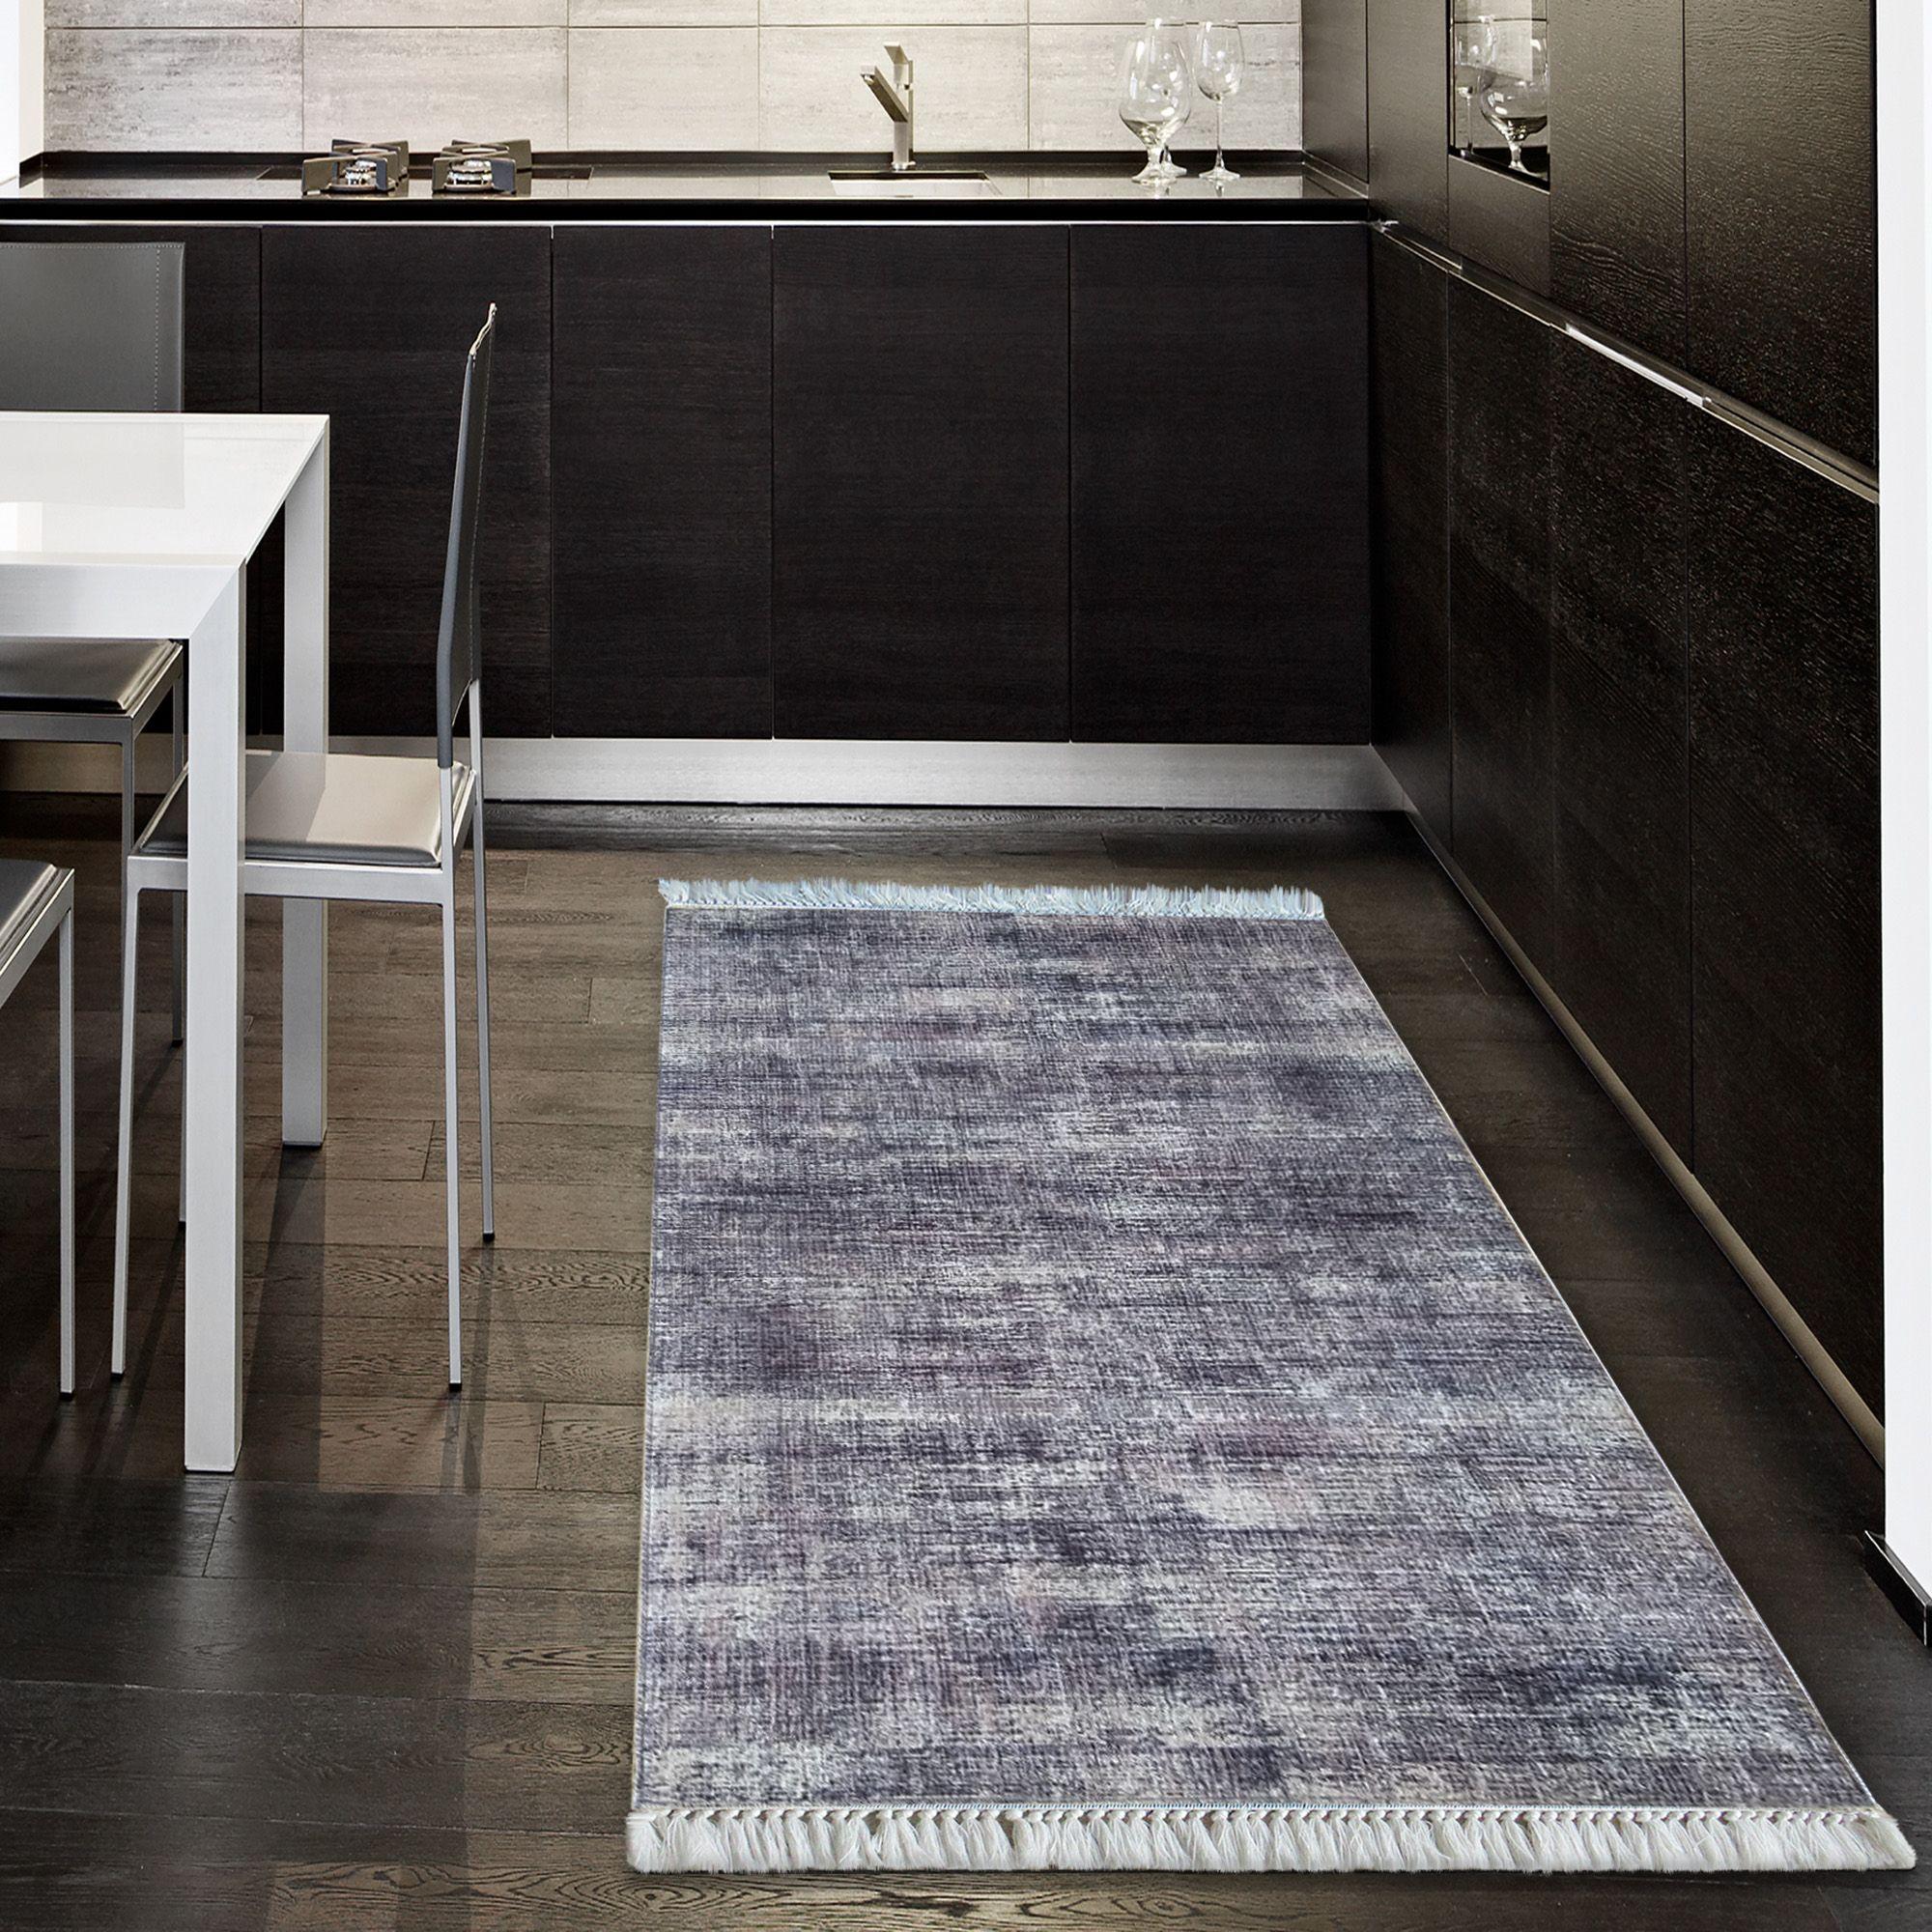 Chodnik Do Kuchni Szary Costa 02 Przecierany Home Carpets Home Decor Decor Contemporary Rug